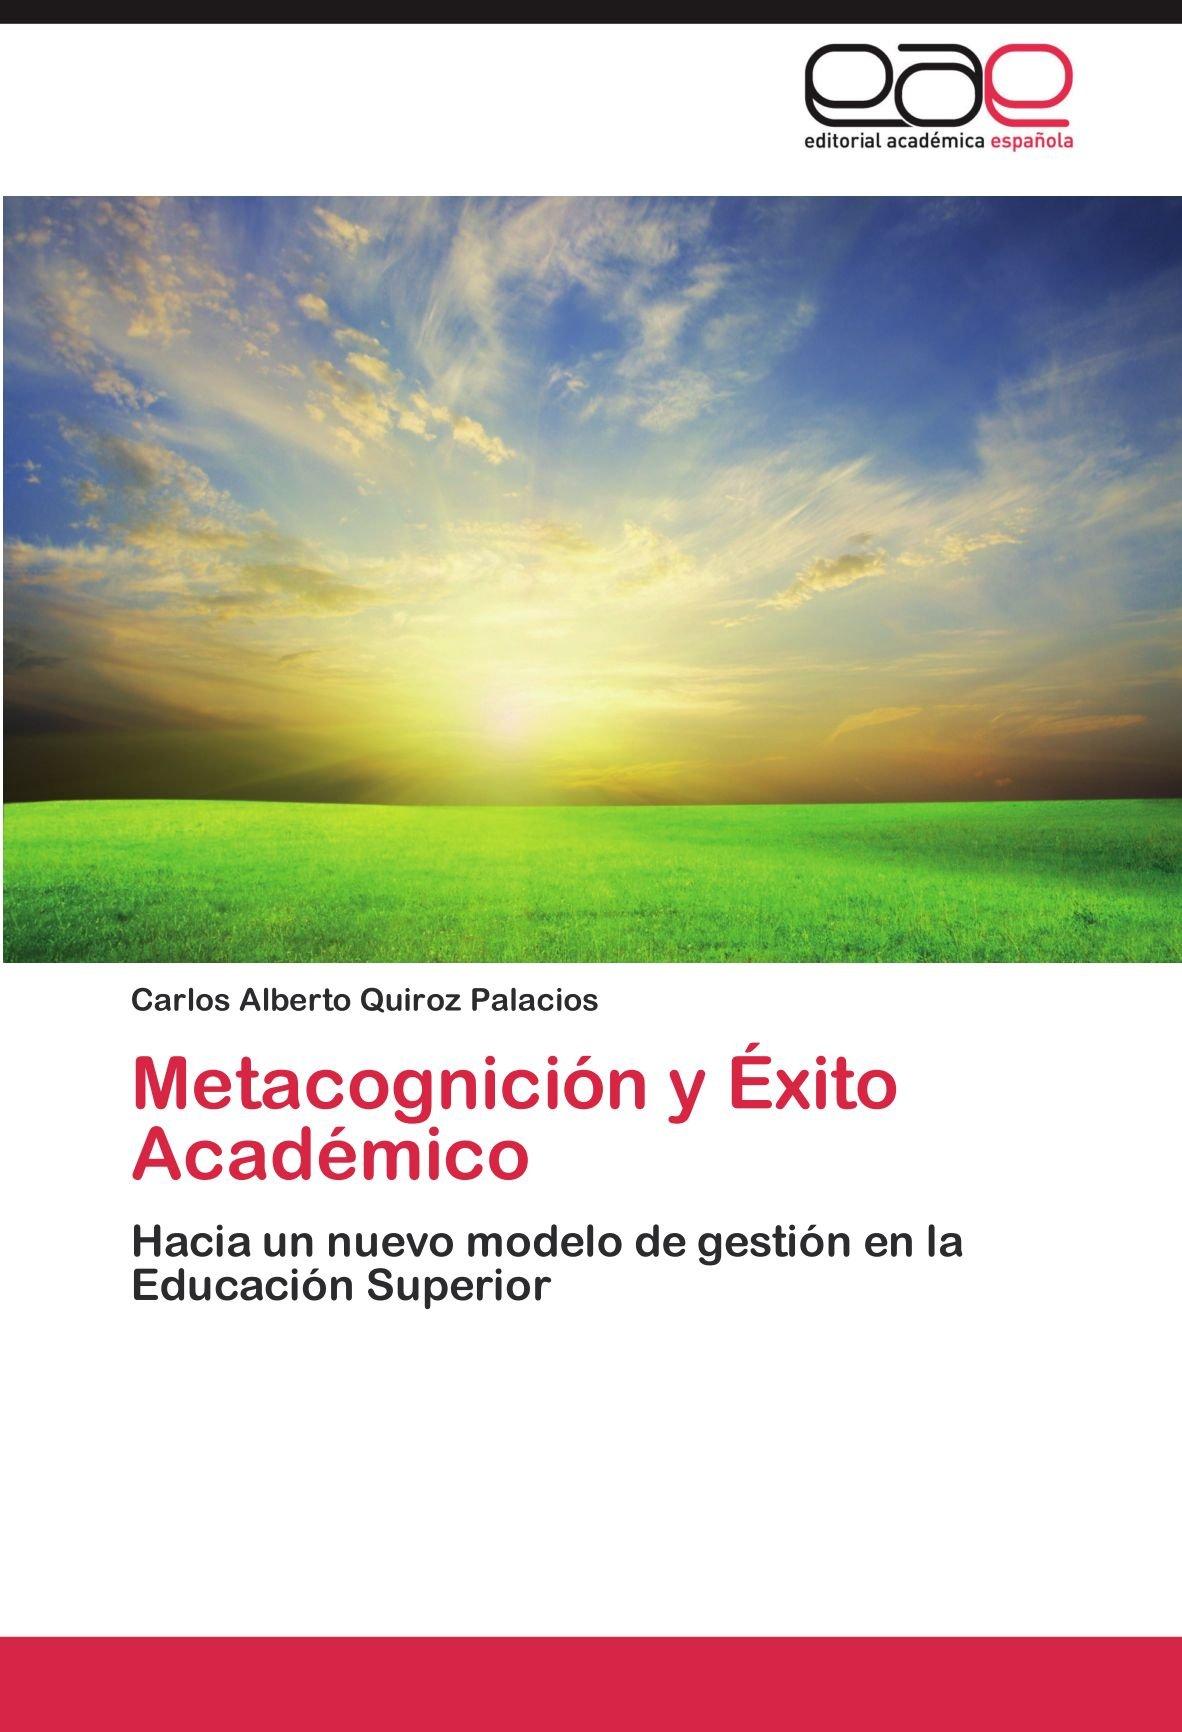 Metacognicion y Exito Academico: Amazon.es: Quiroz Palacios, Carlos Alberto: Libros